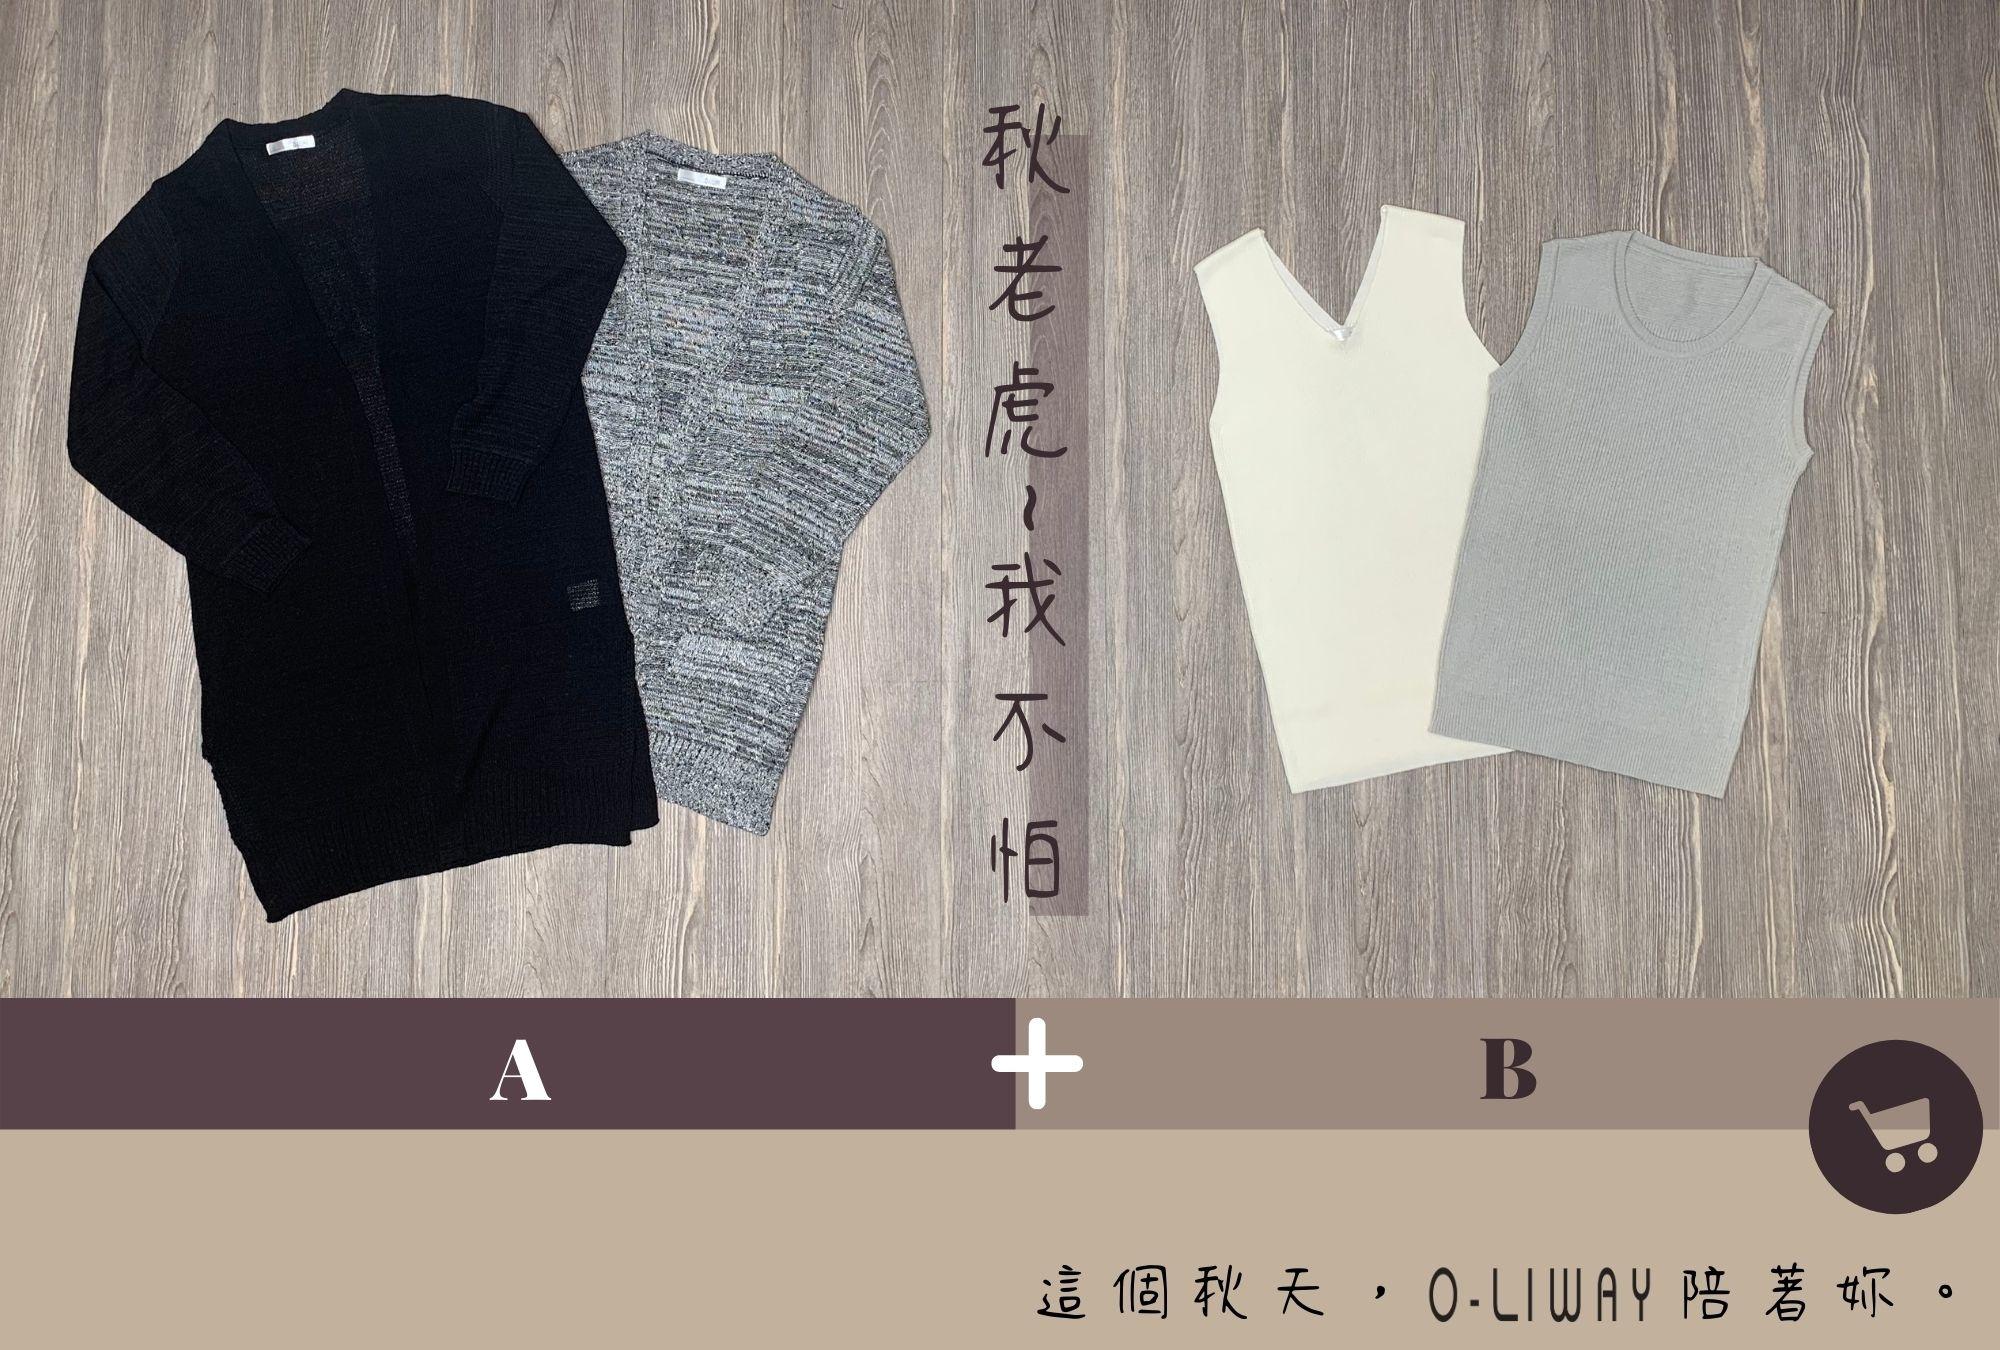 台灣製針織衫秋天優惠活動